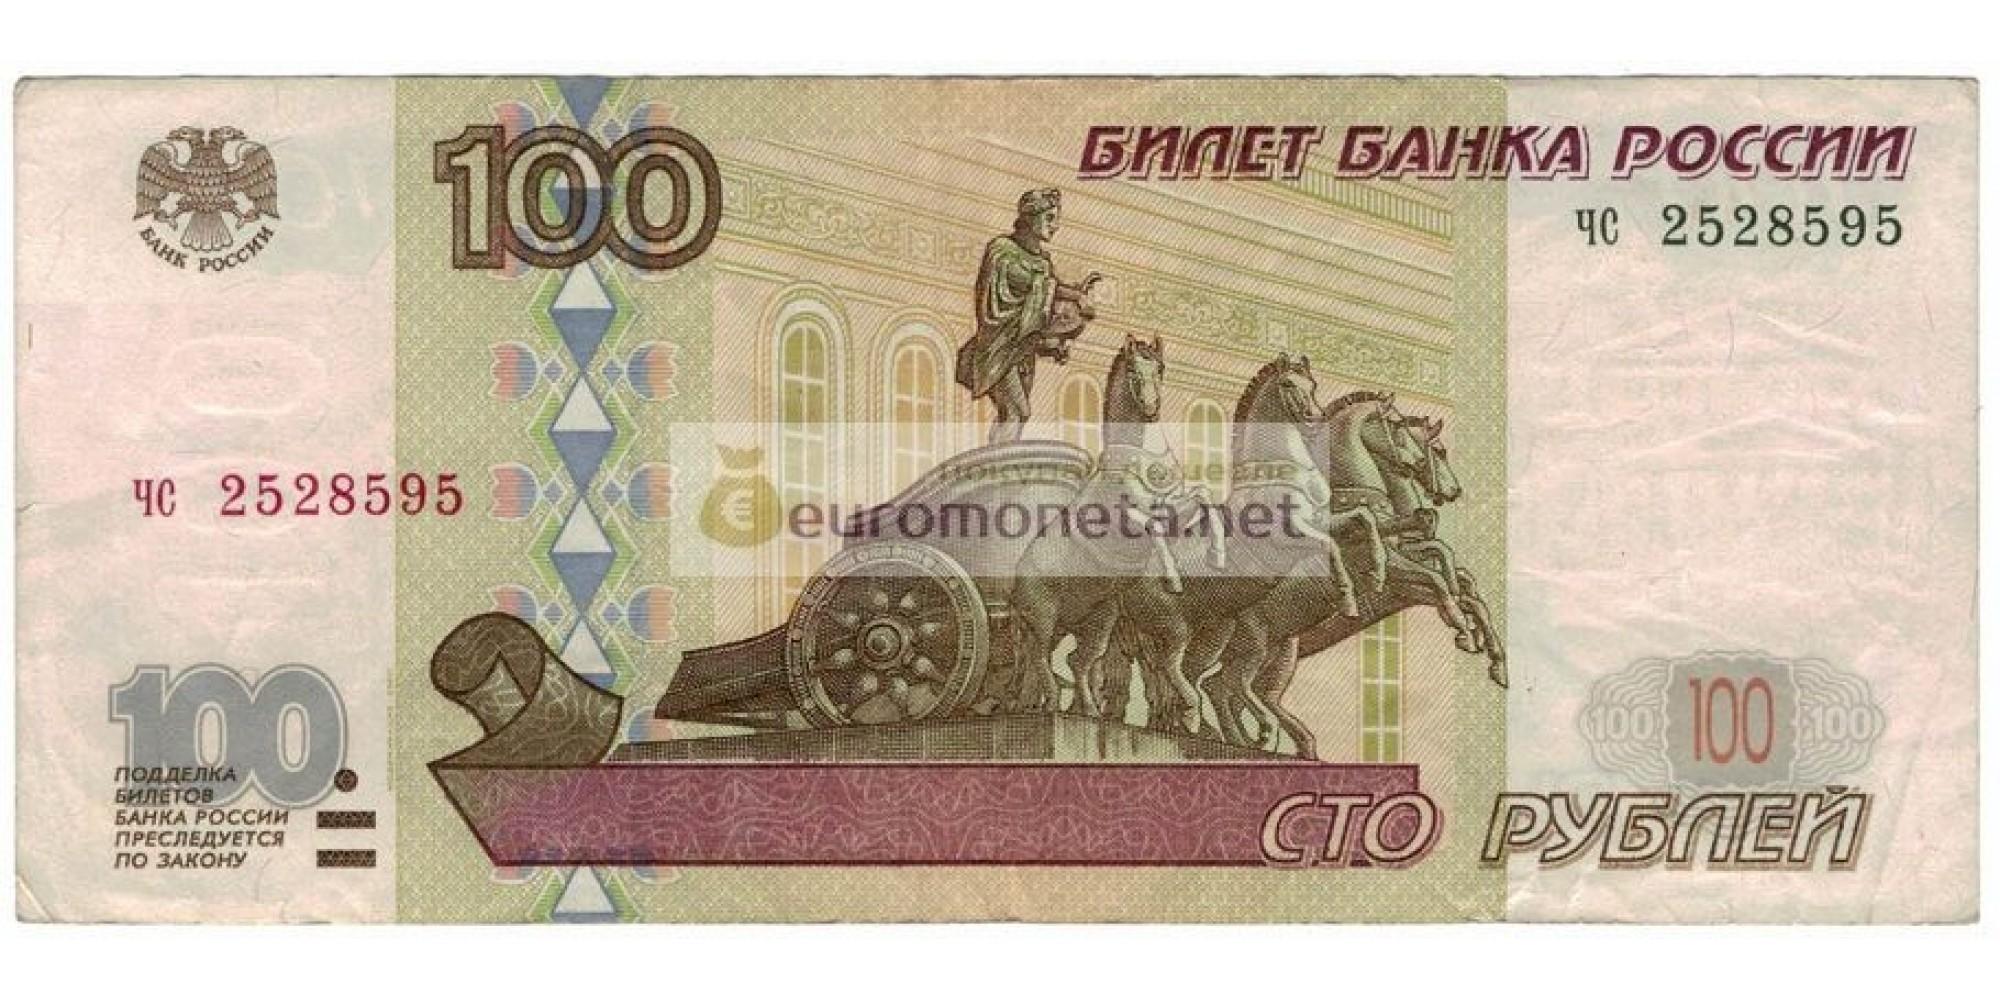 Россия 100 рублей 1997 год модификация 2001 год серия чс 2528595